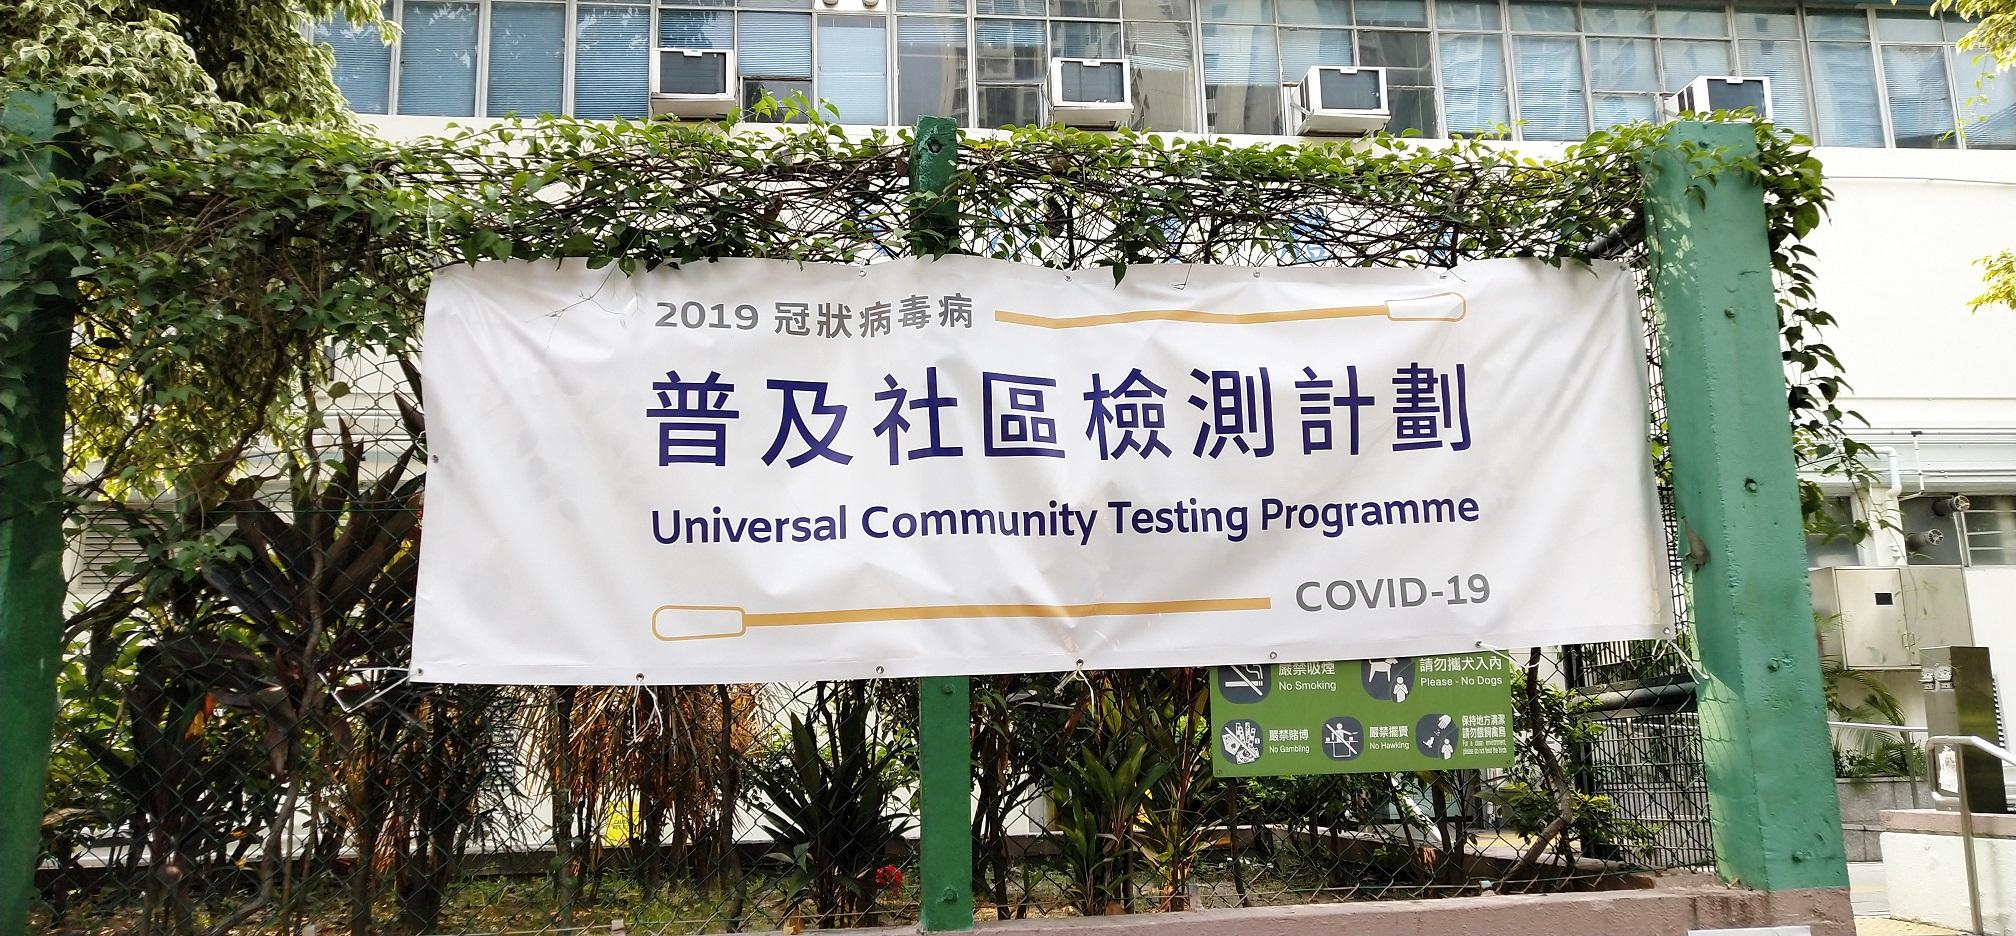 Banner outside the Community test Center